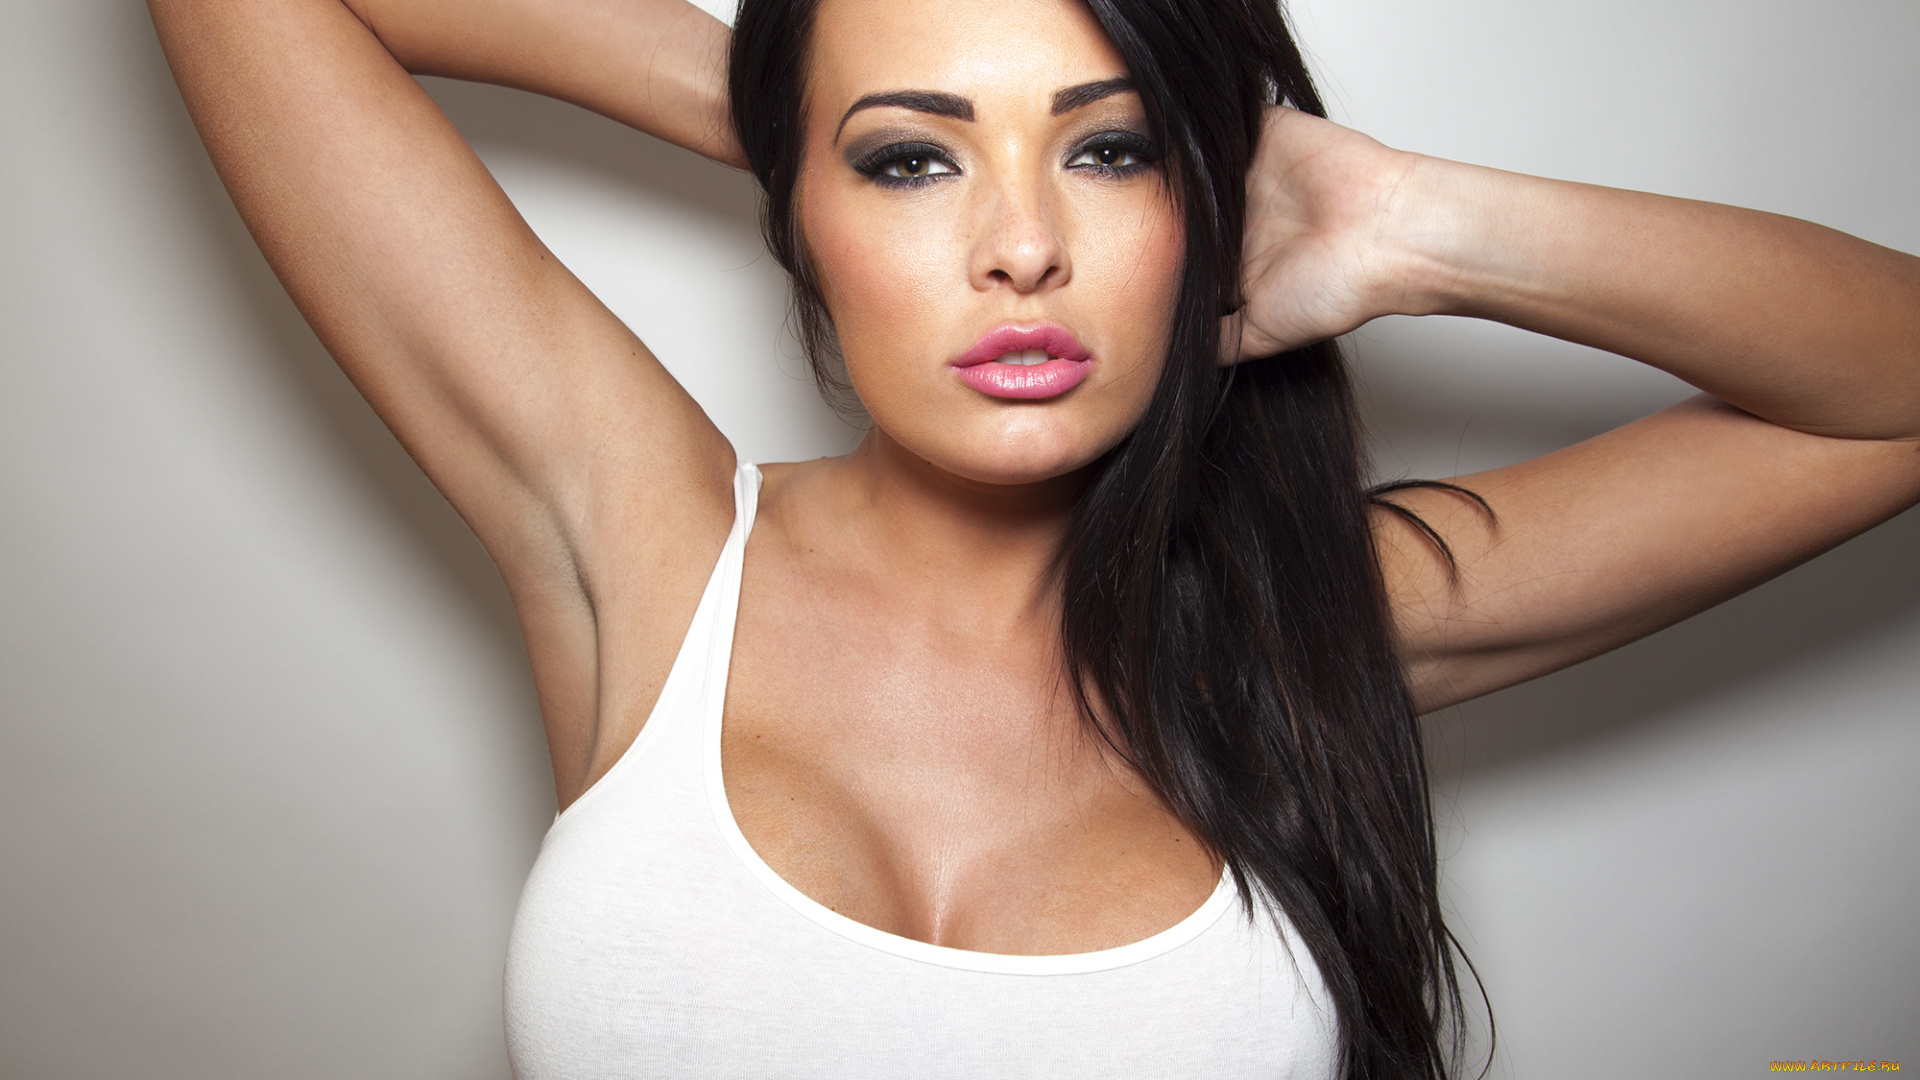 Худенькая девочка с большой грудью, Худенькая красотка с большой грудью 14 фотография